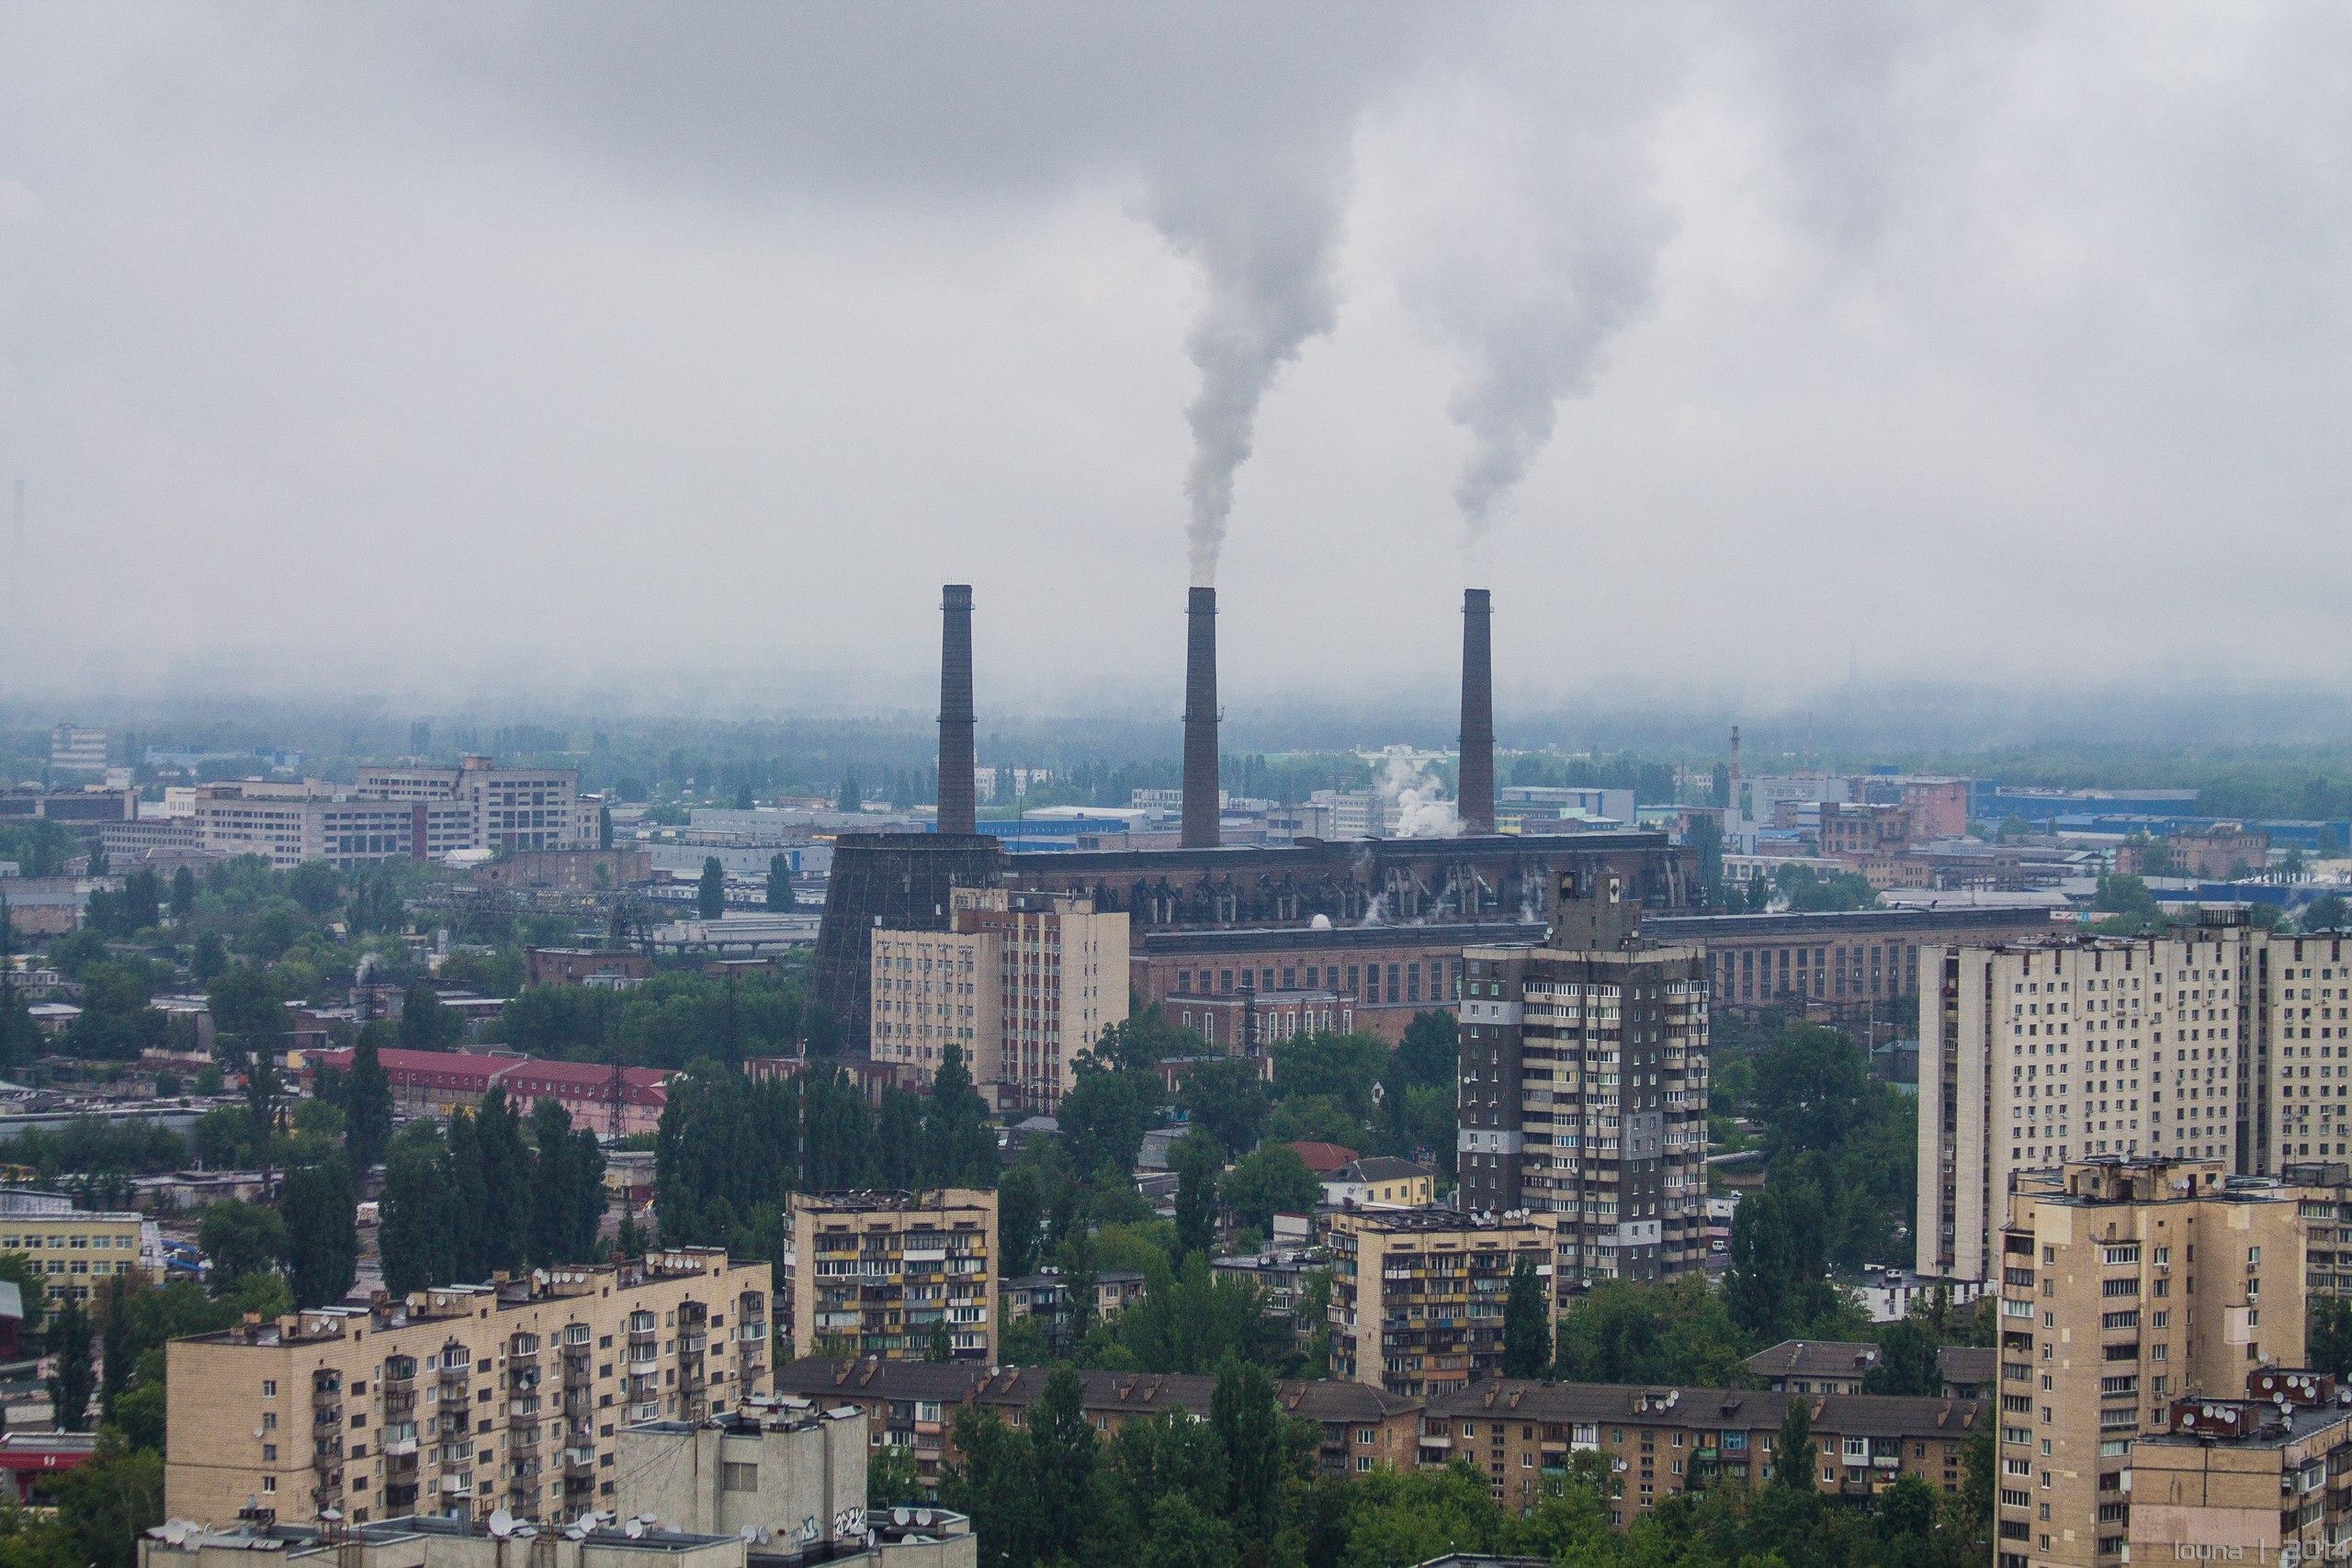 Отопление в Киеве получили 80% домов под управлением города, 11% ОСМД, 100% зданий соцсферы, кроме административных, - КГГА - Цензор.НЕТ 1145